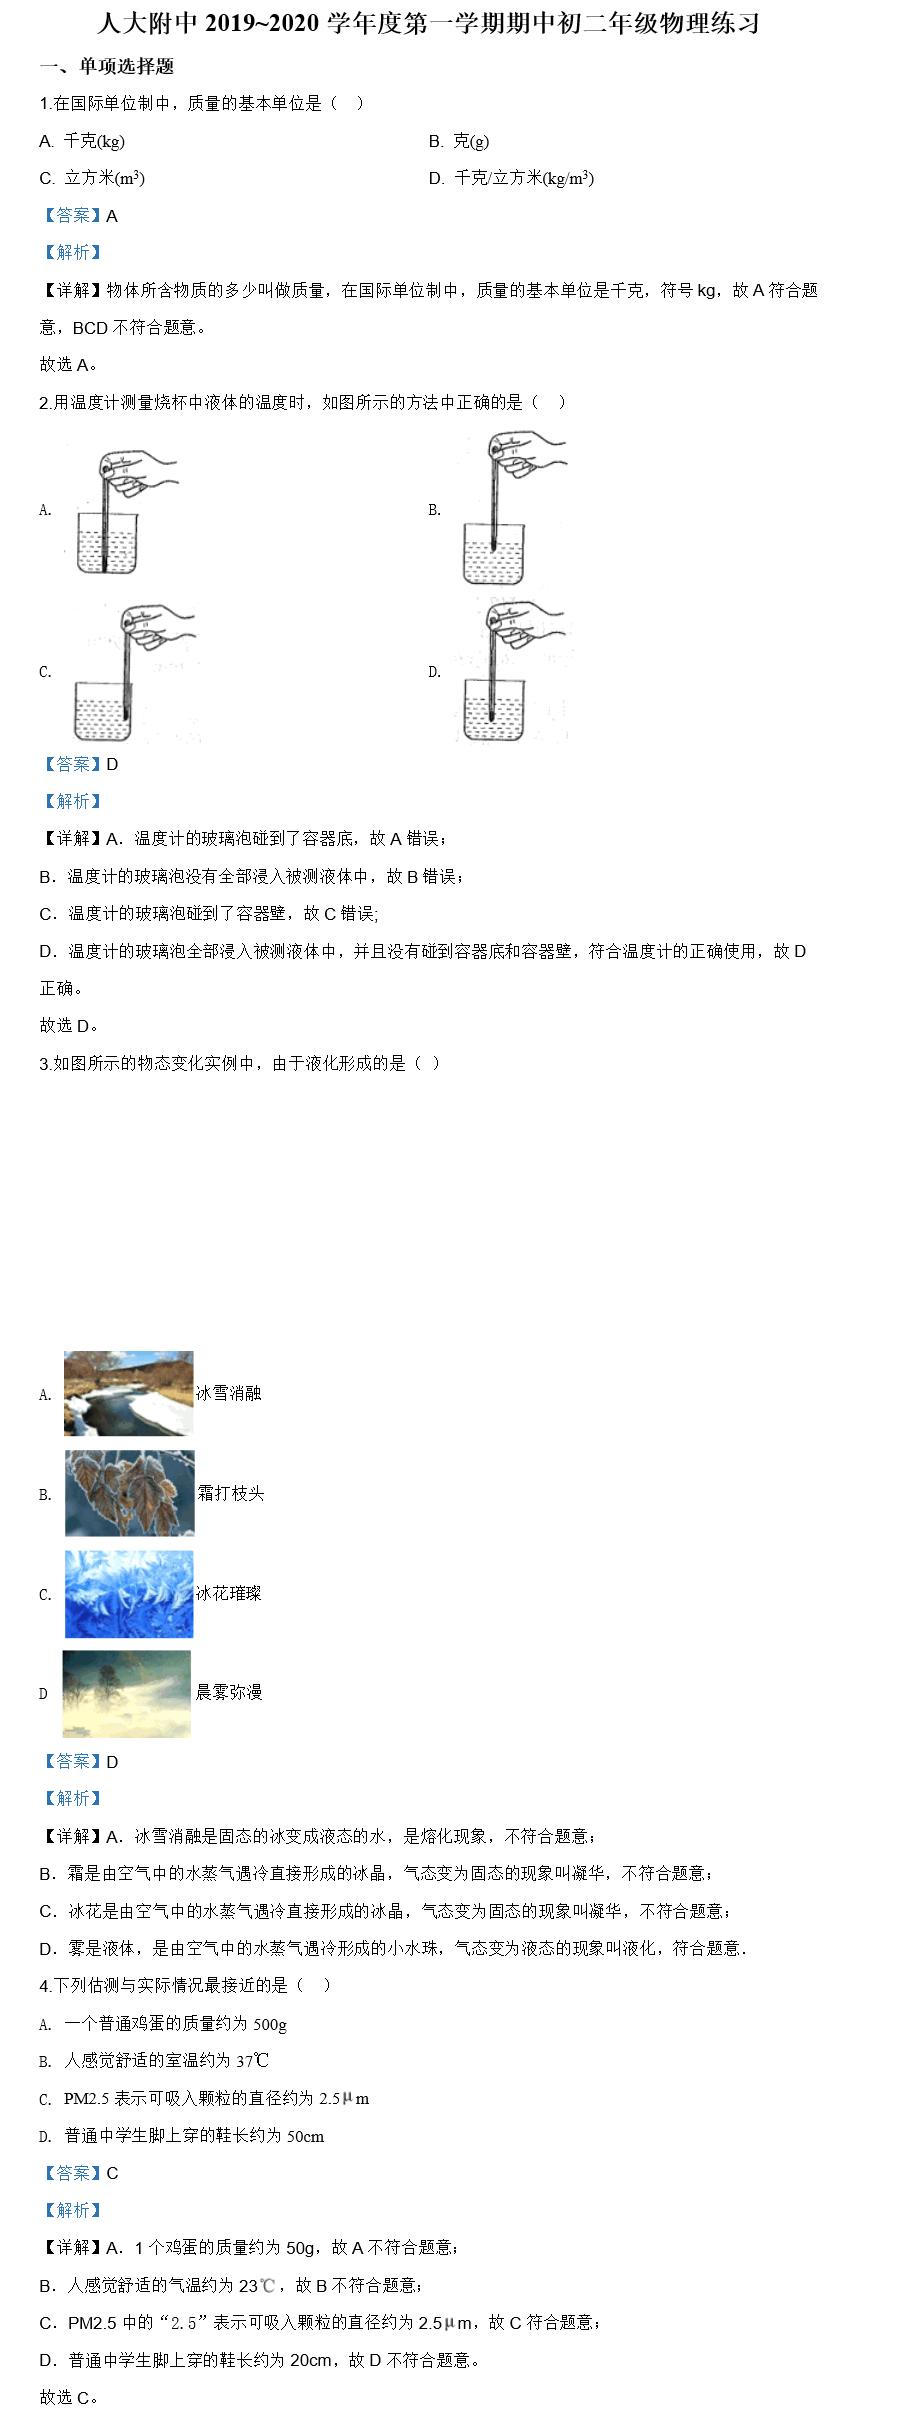 2019人大附中物理.png